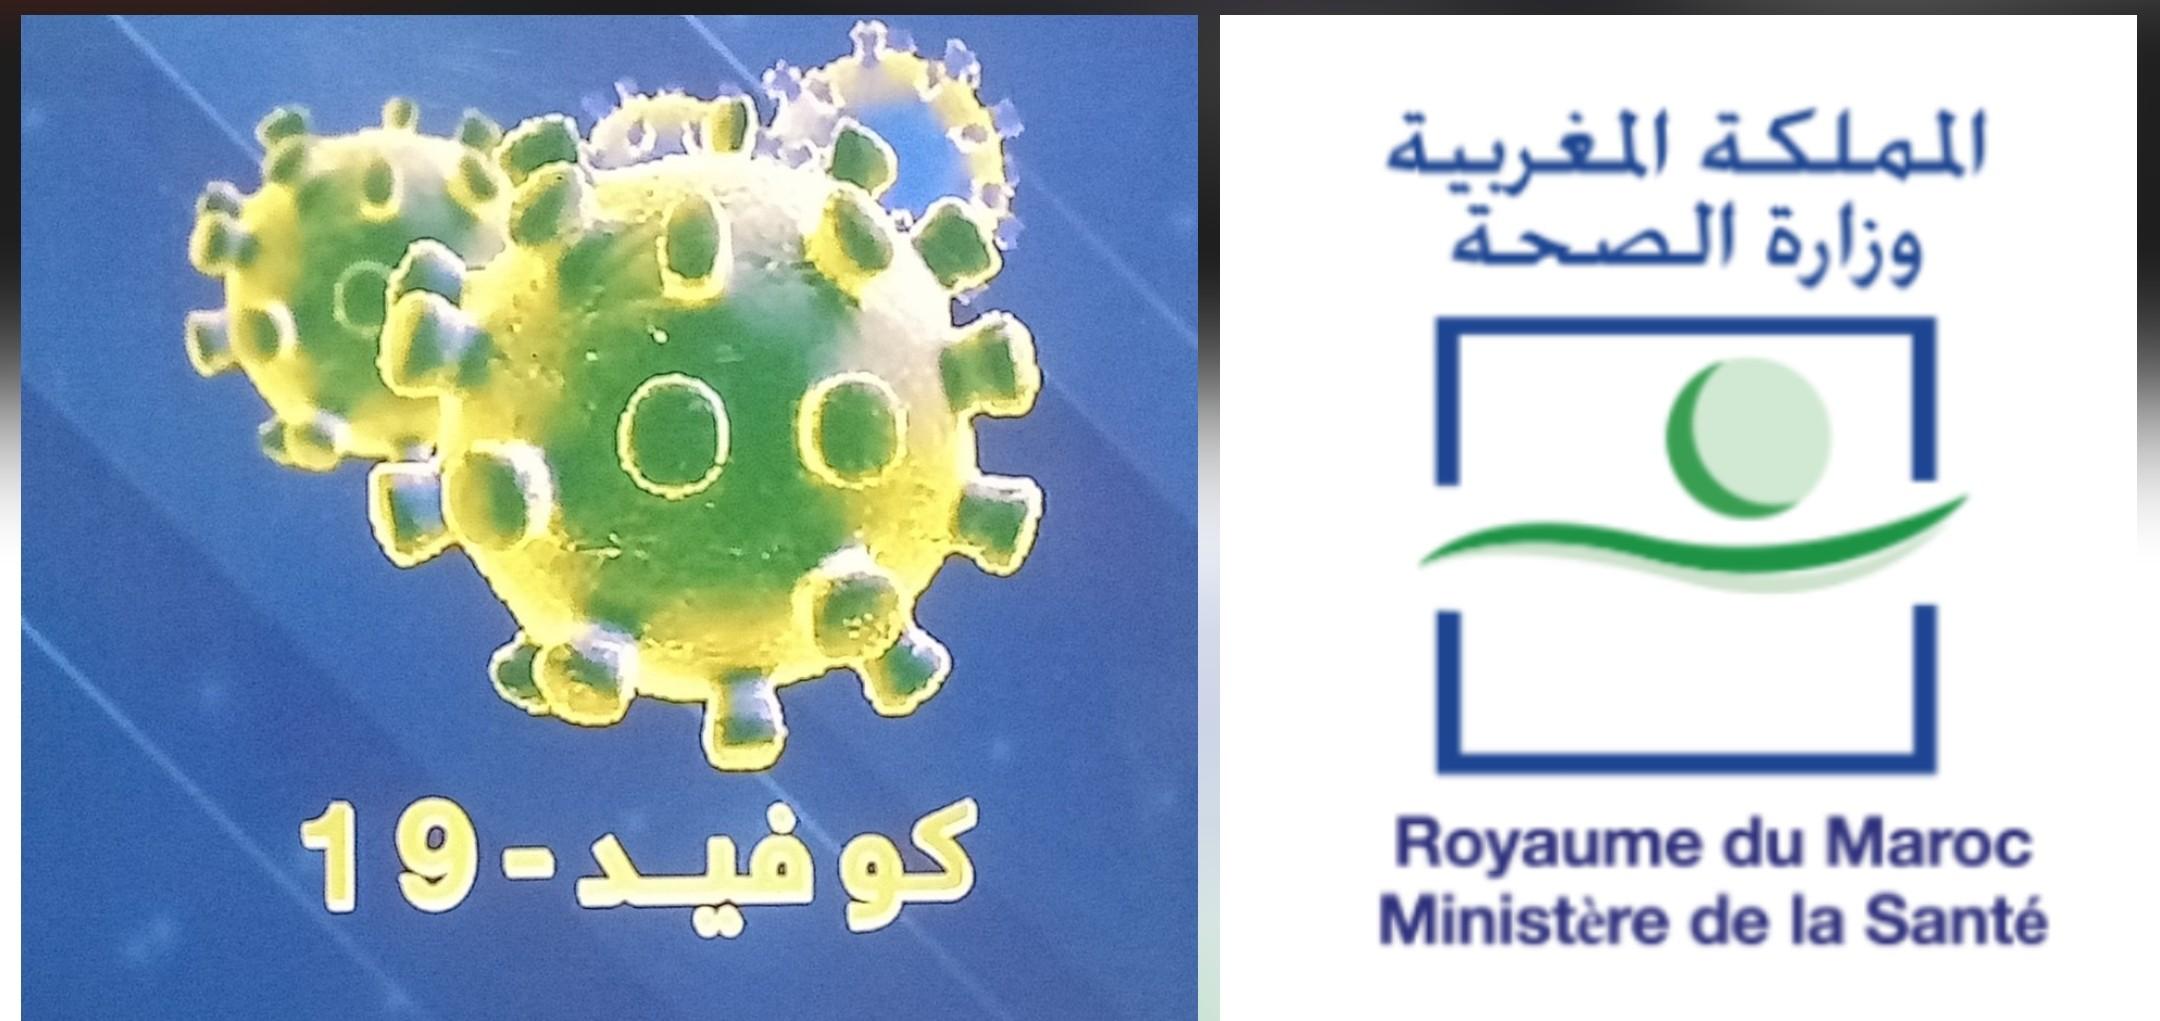 فيروس كورونا المستجد: 109 حالات إصابة مؤكدة بالمغرب